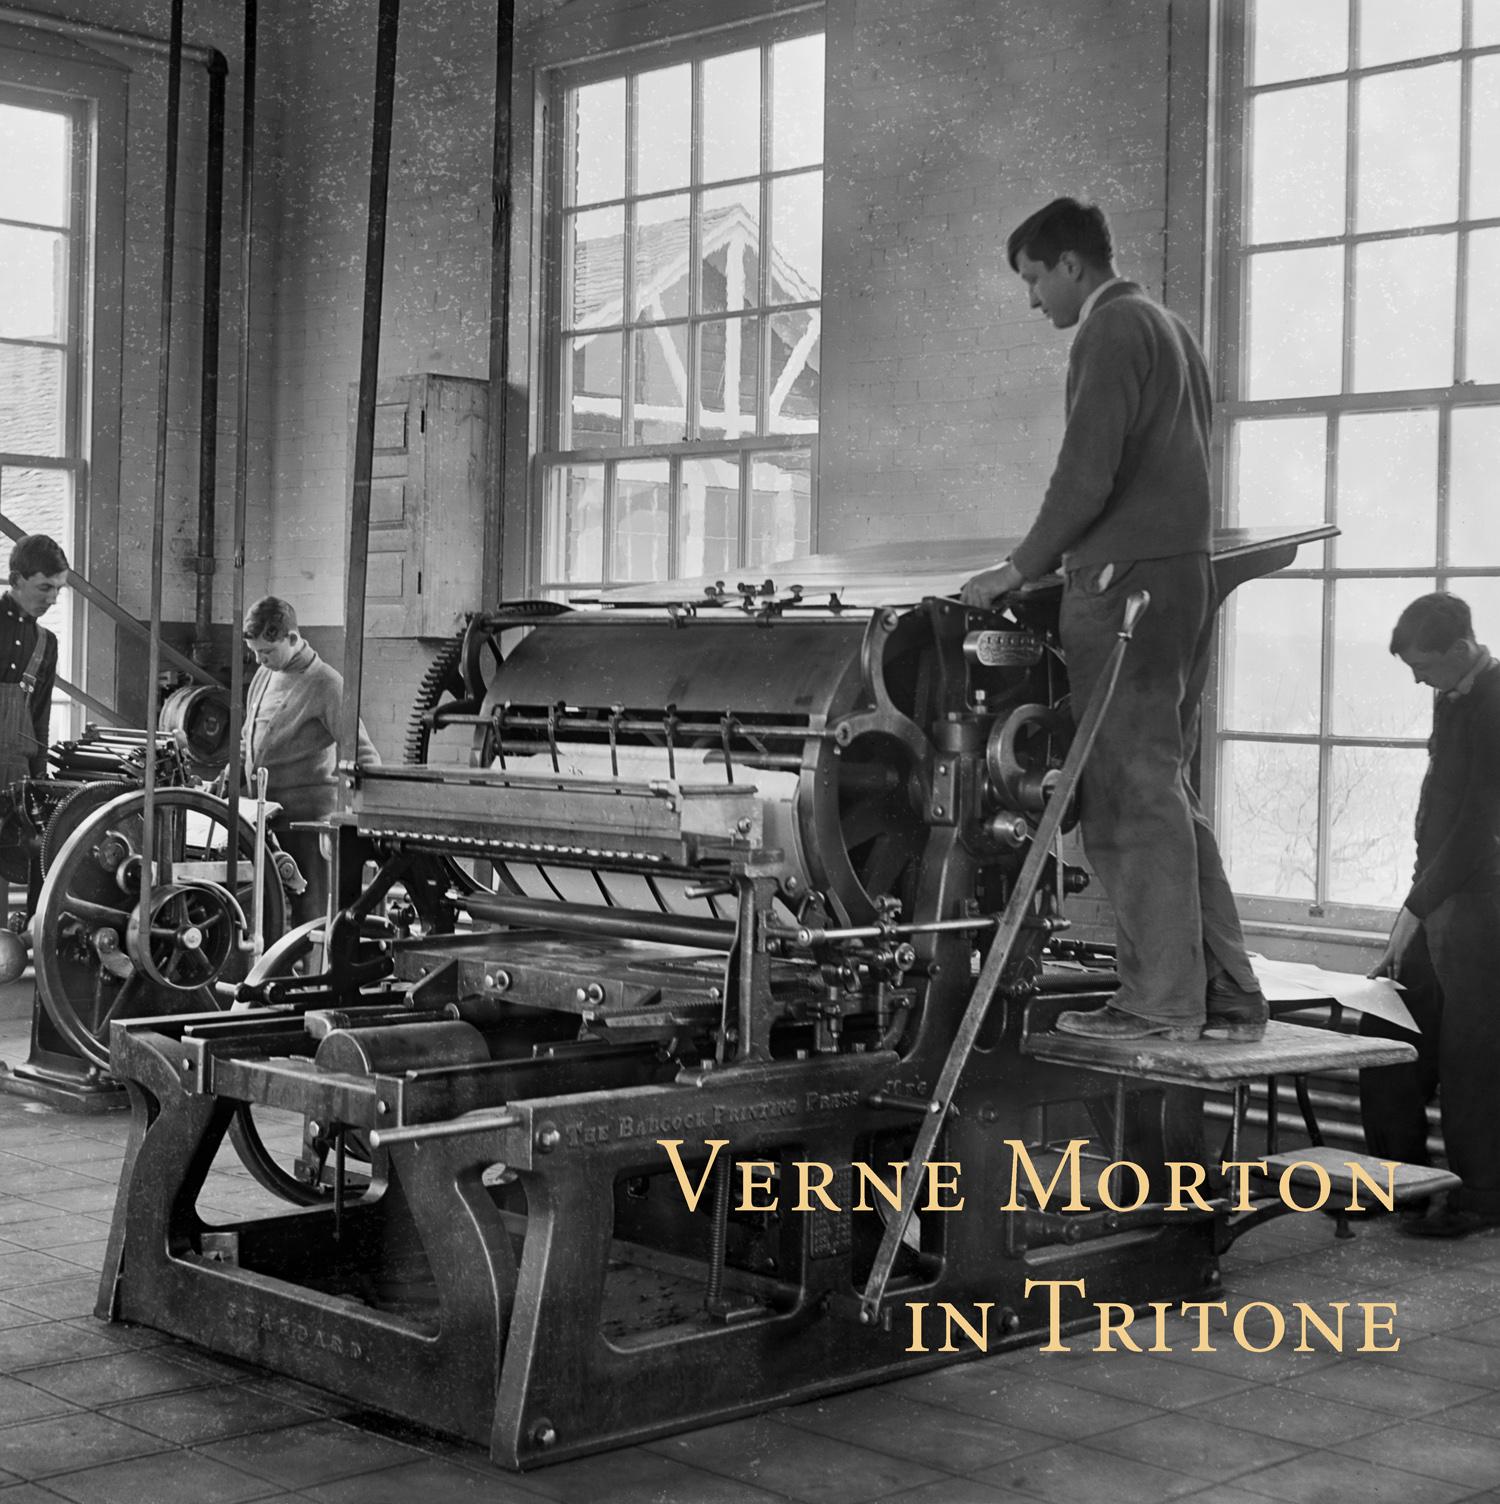 Verne Morton in Tritone